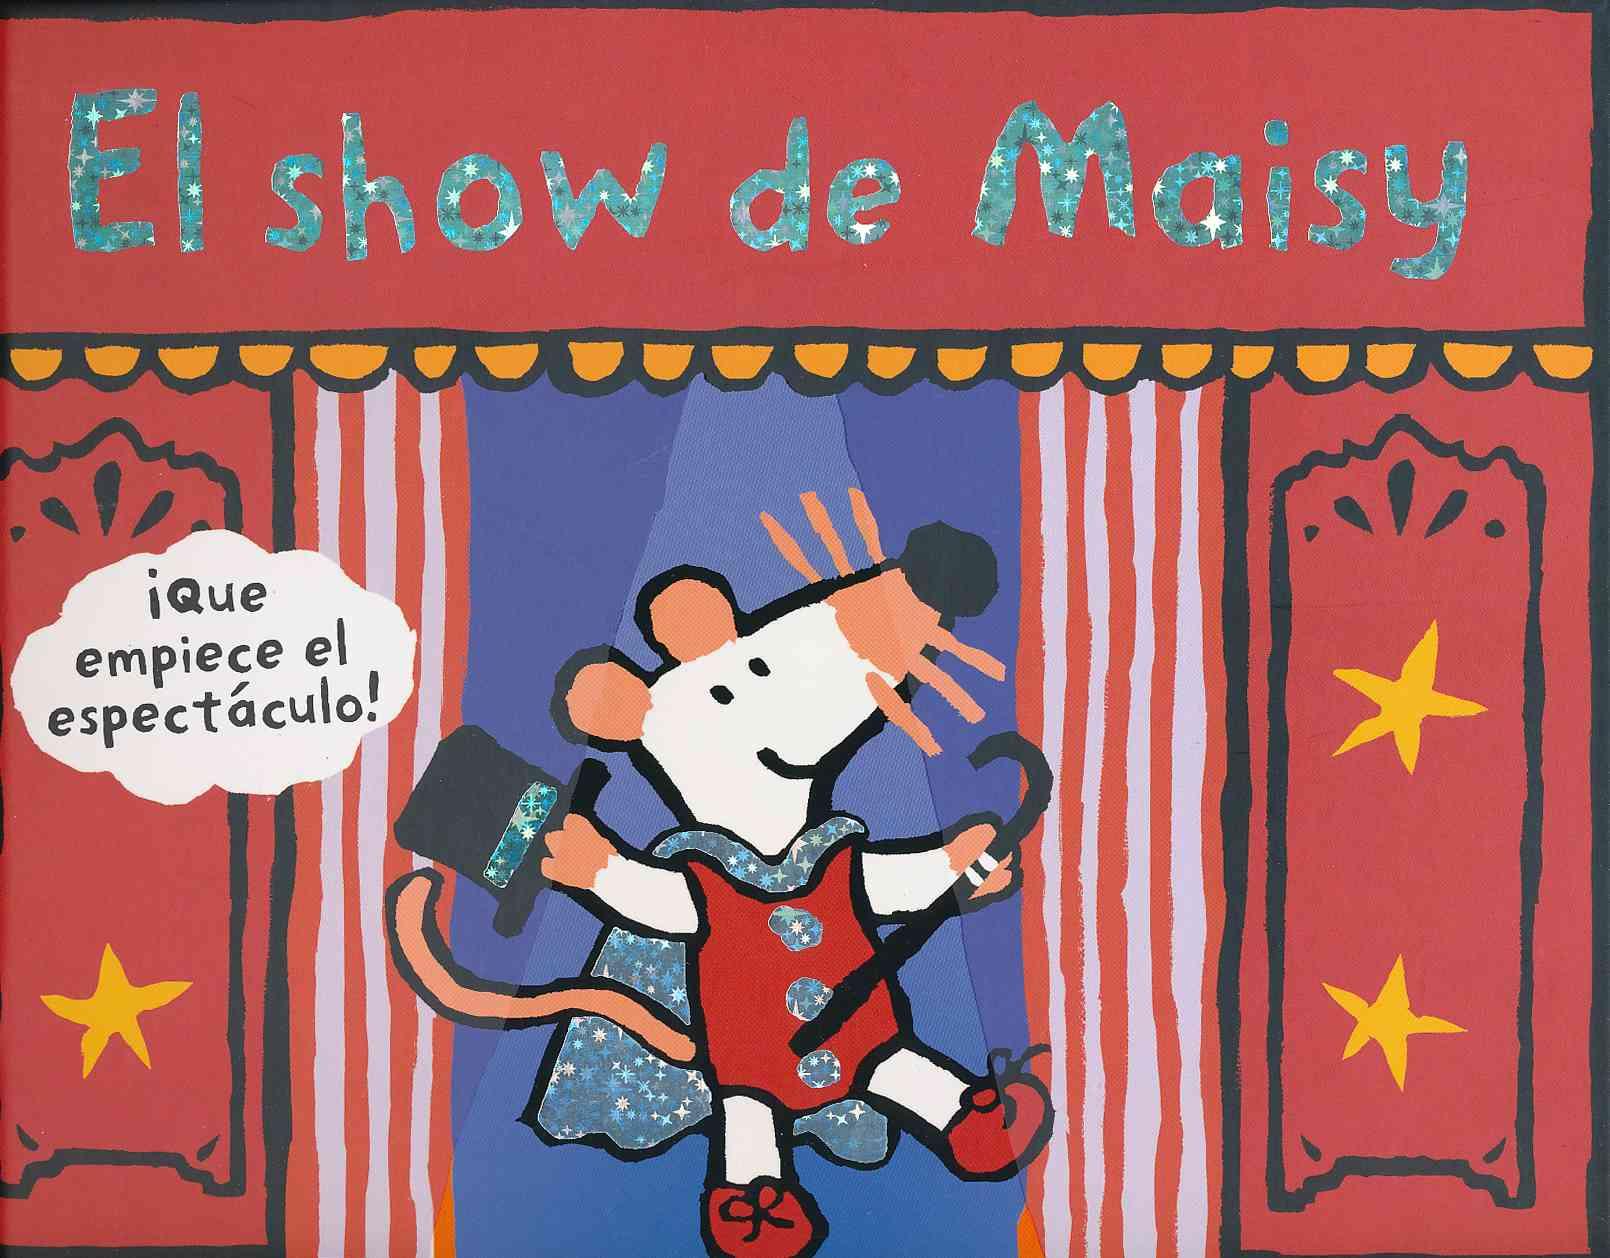 El show de Maisy / Maisy's show By Cousins, Lucy